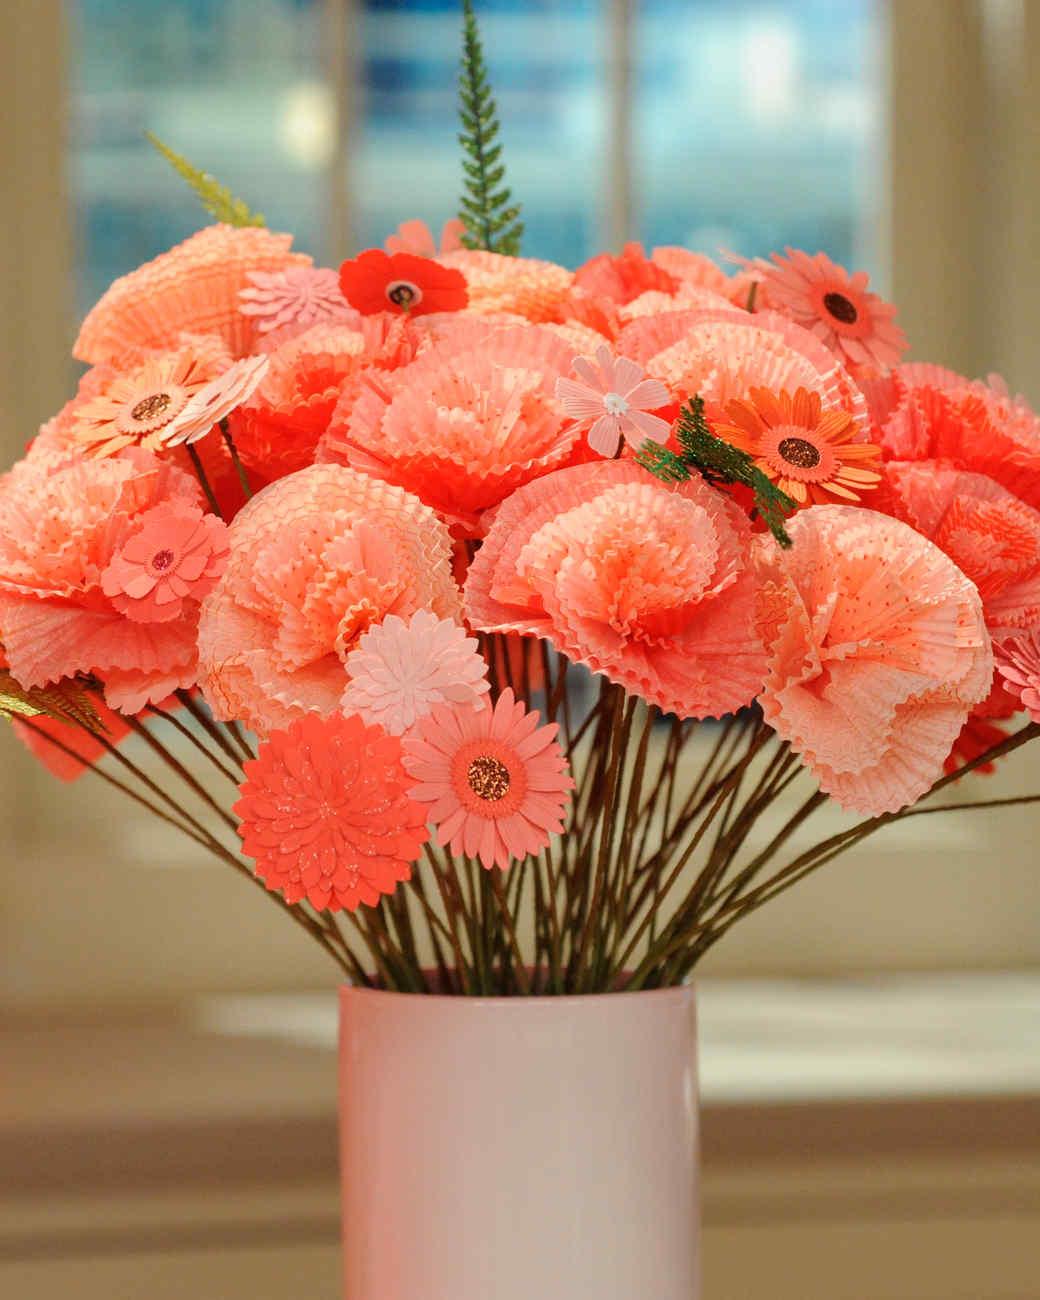 cupcake-liner-flowers-mslb7077.jpg